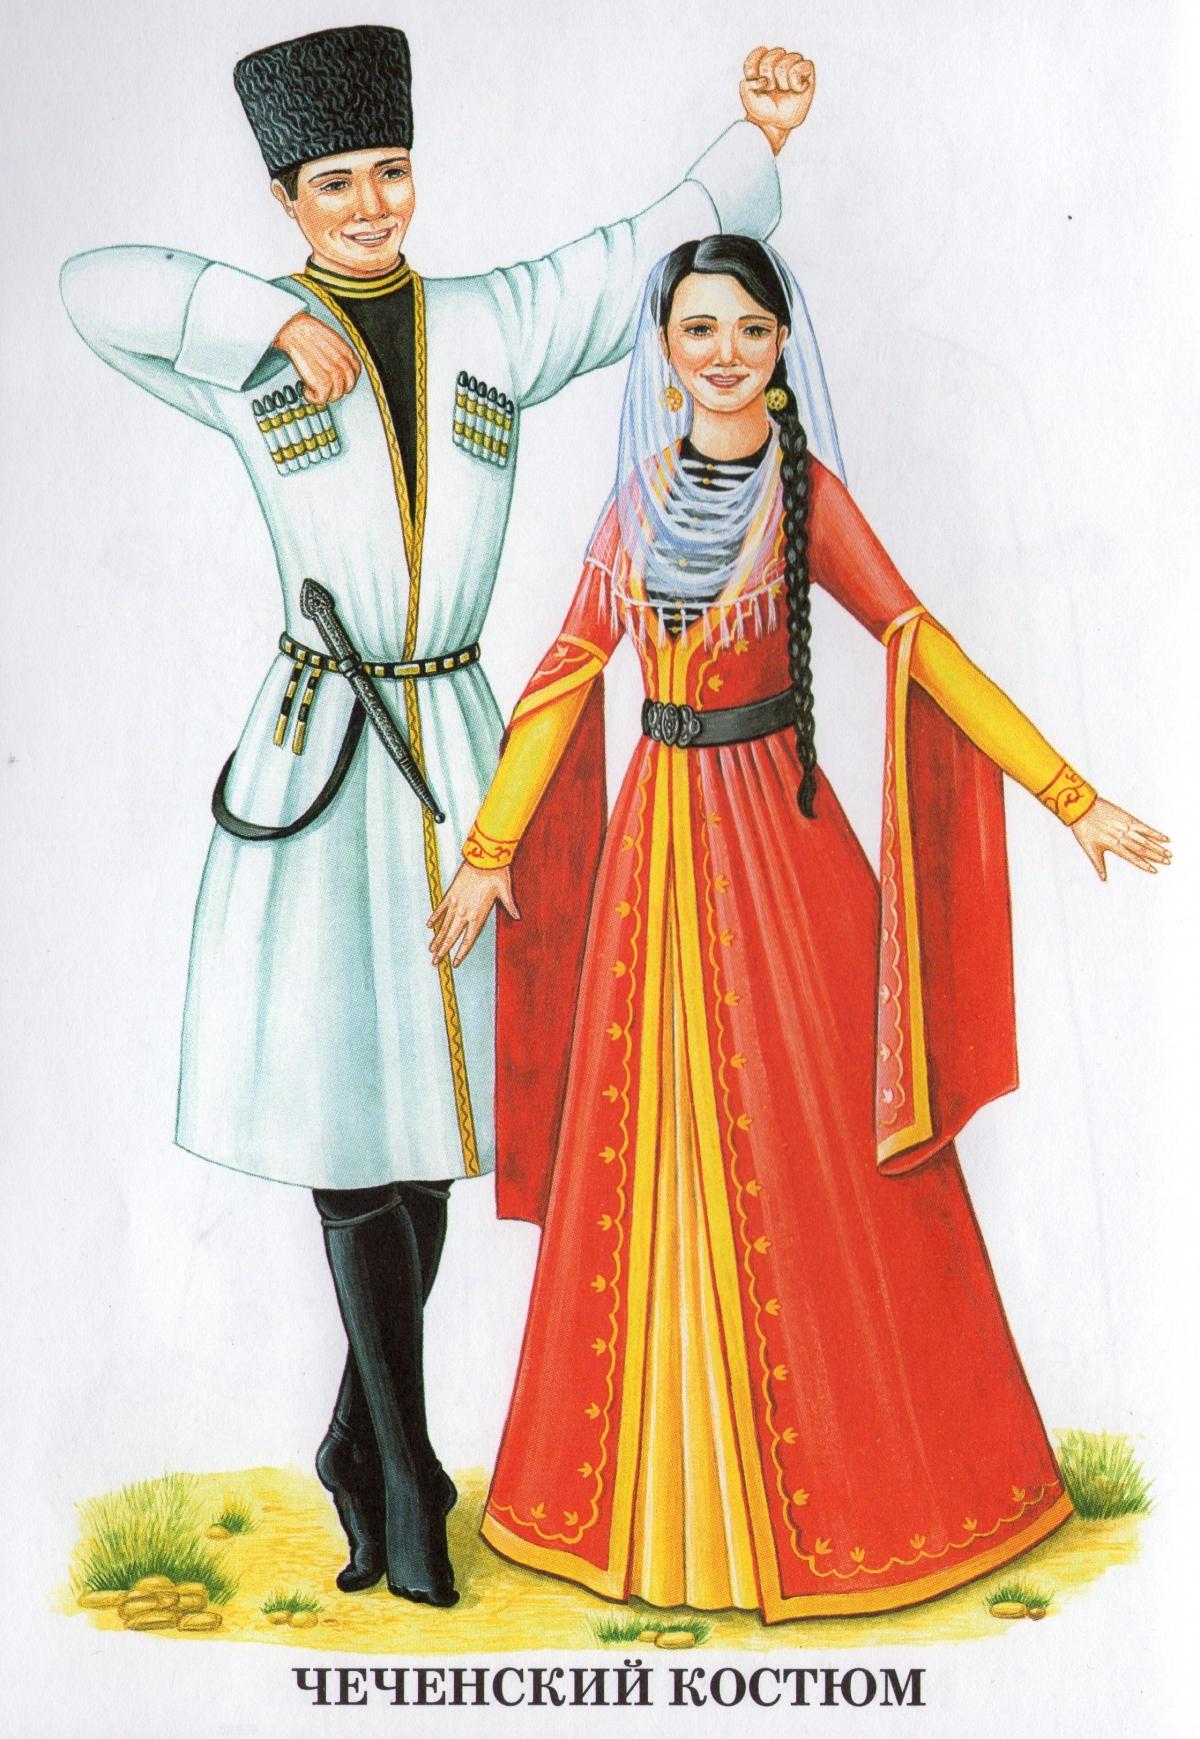 национальные костюмы осетины картинки окружающий спасения овощей